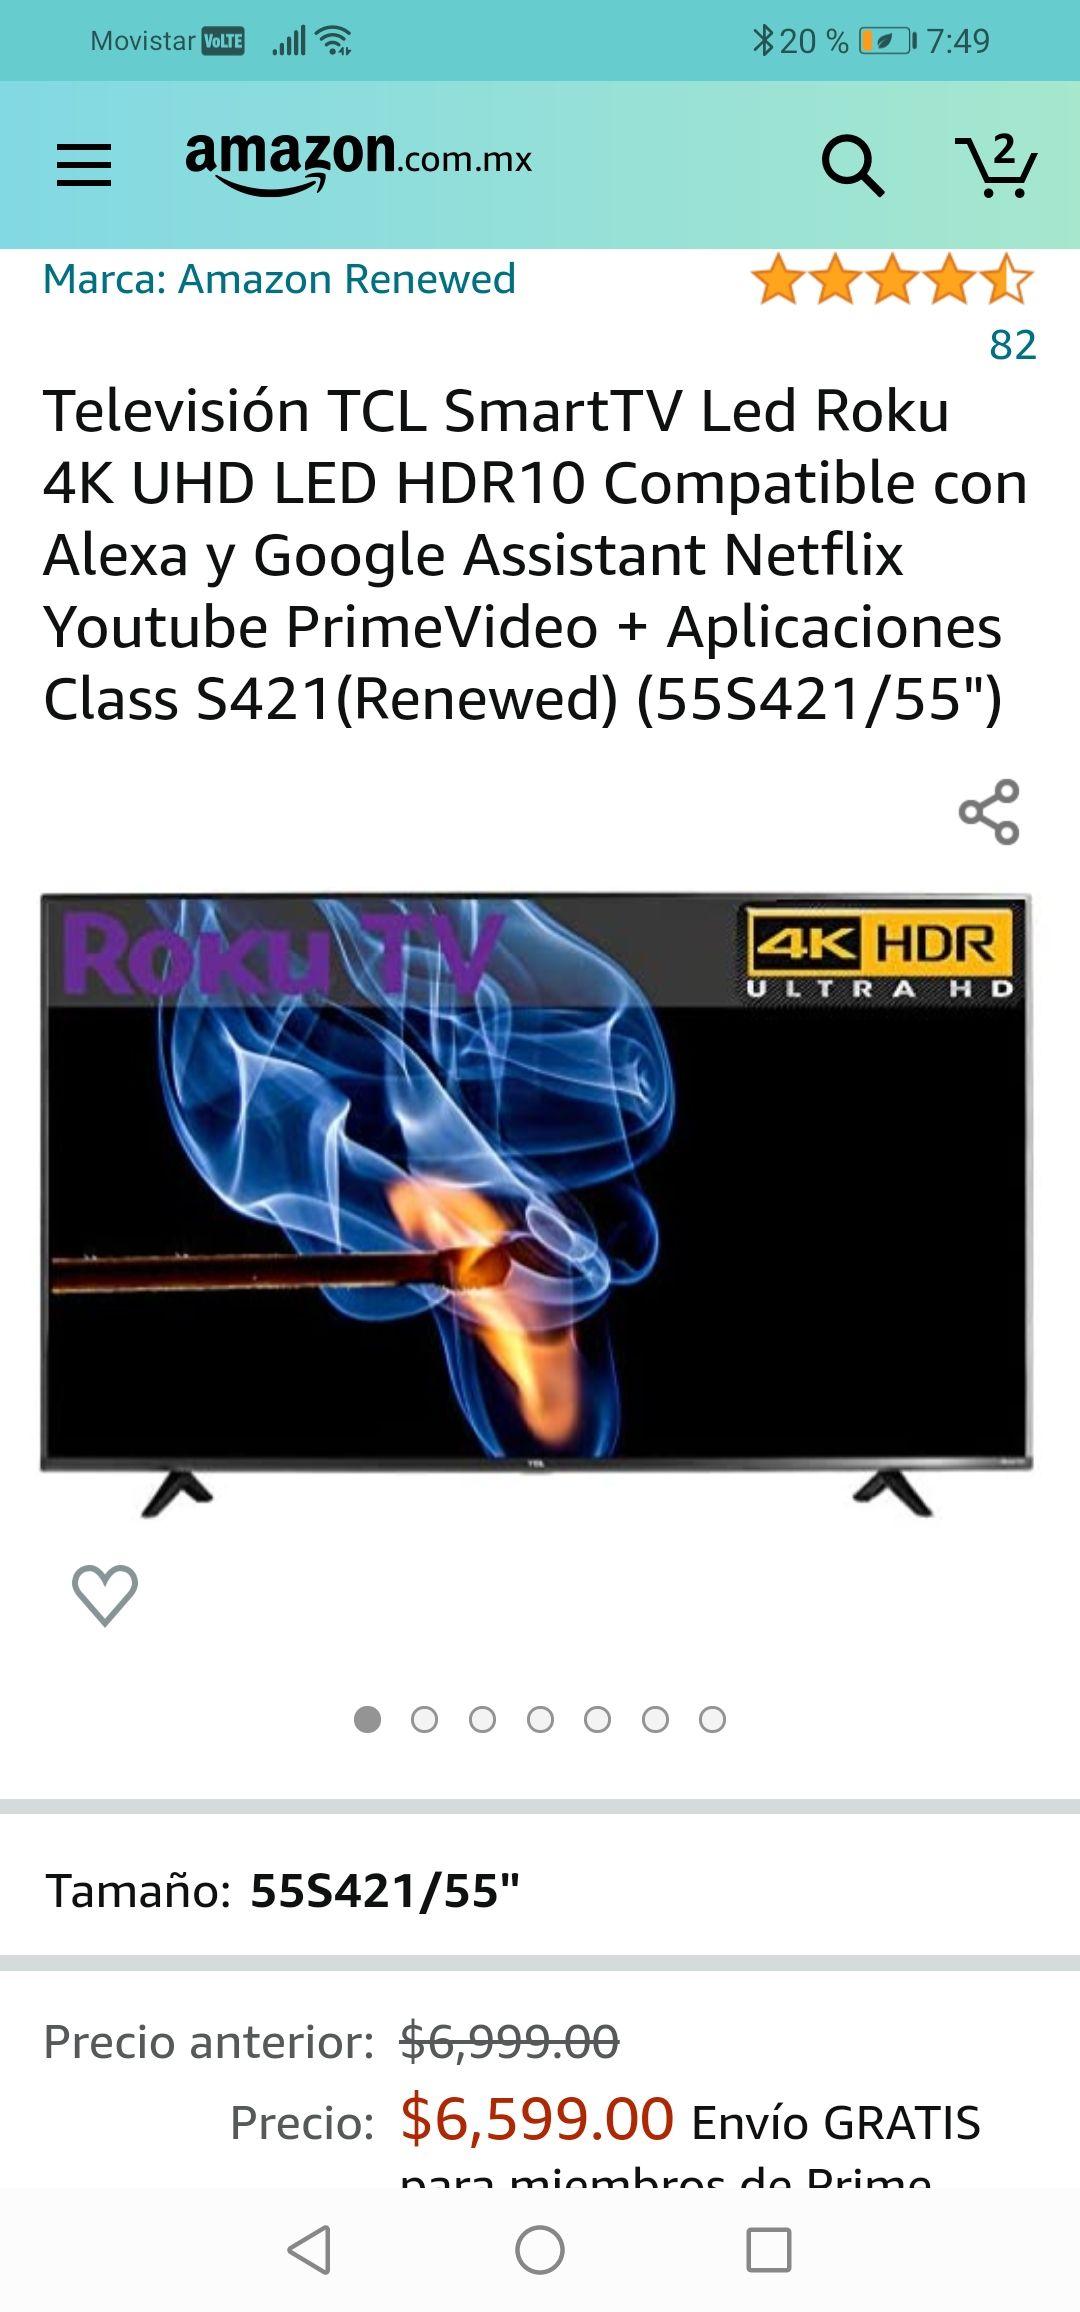 Amazon: Televisión TCL SmartTV Led Roku 4K UHD LED HDR10 Compatible con Alexa y Google Assistant 55 pulgadas (Renewed)